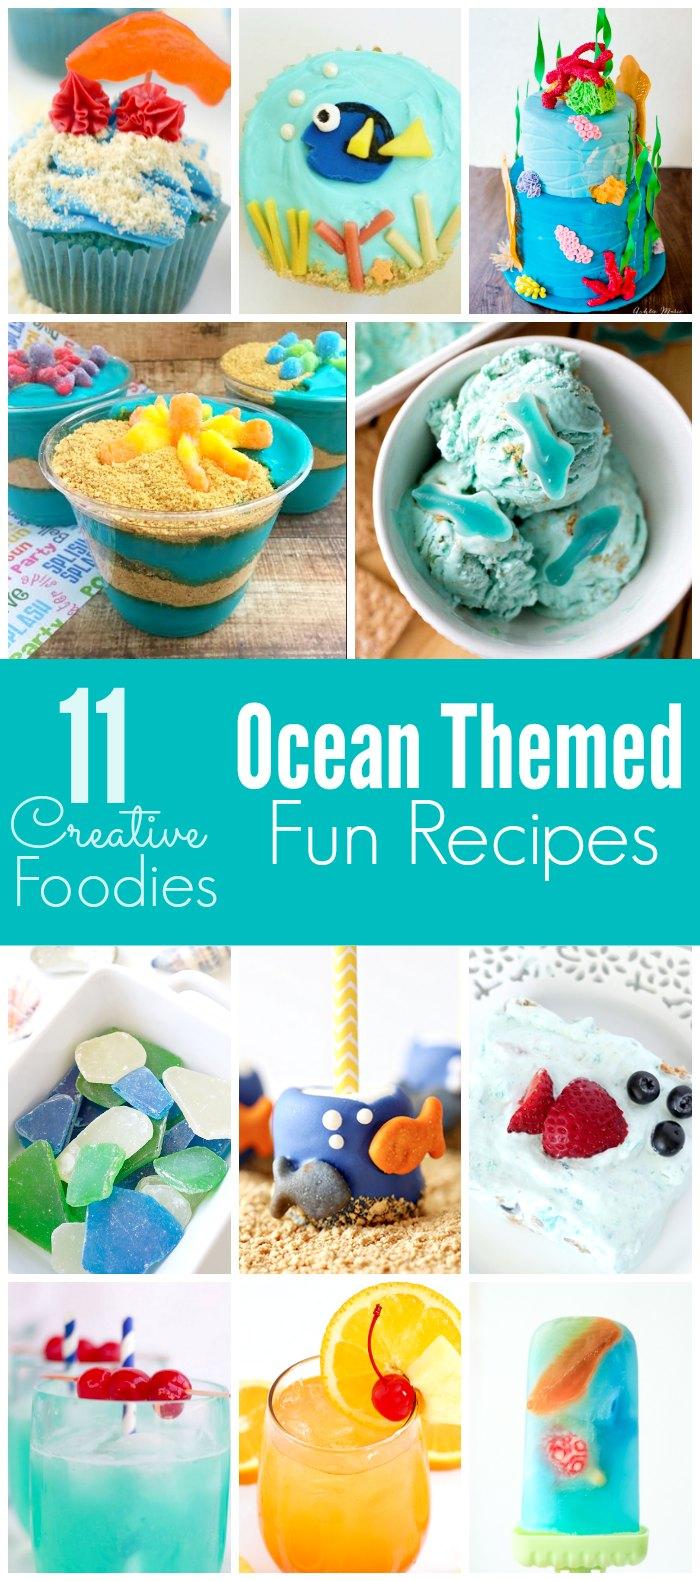 10+ Ocean Themed Recipes